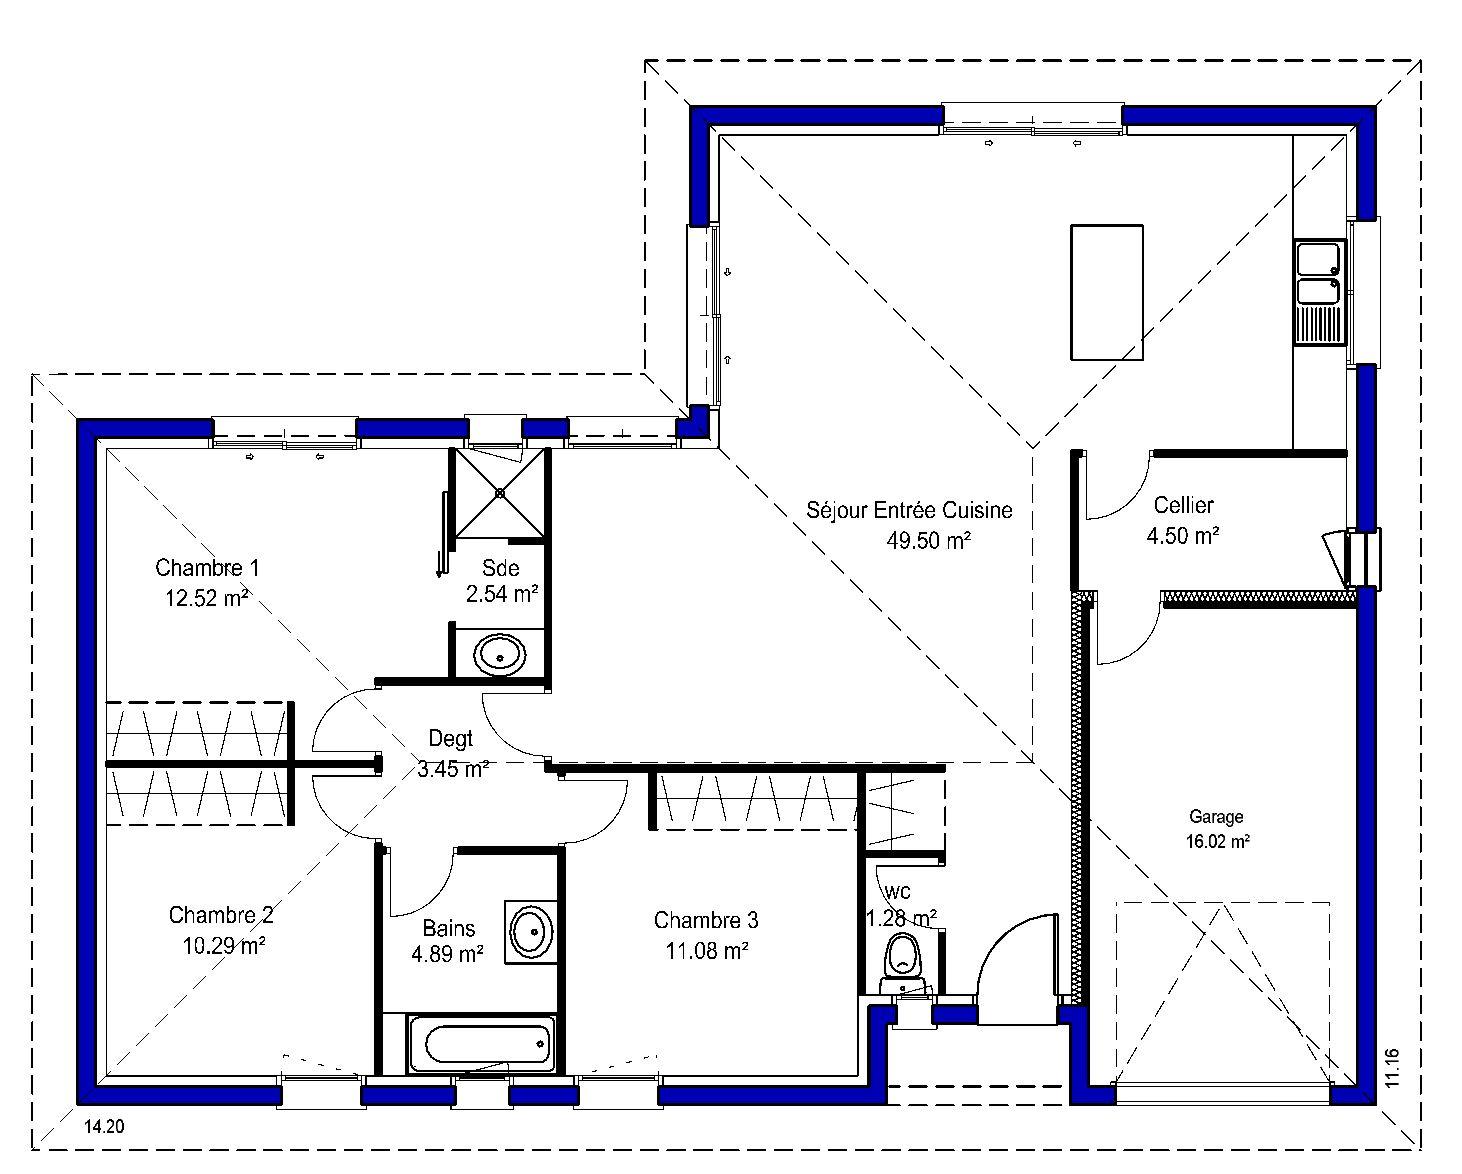 plan de maison 5 chambres plain pied gratuit. great plan maison en ... - Plan De Maison 5 Chambres Plain Pied Gratuit